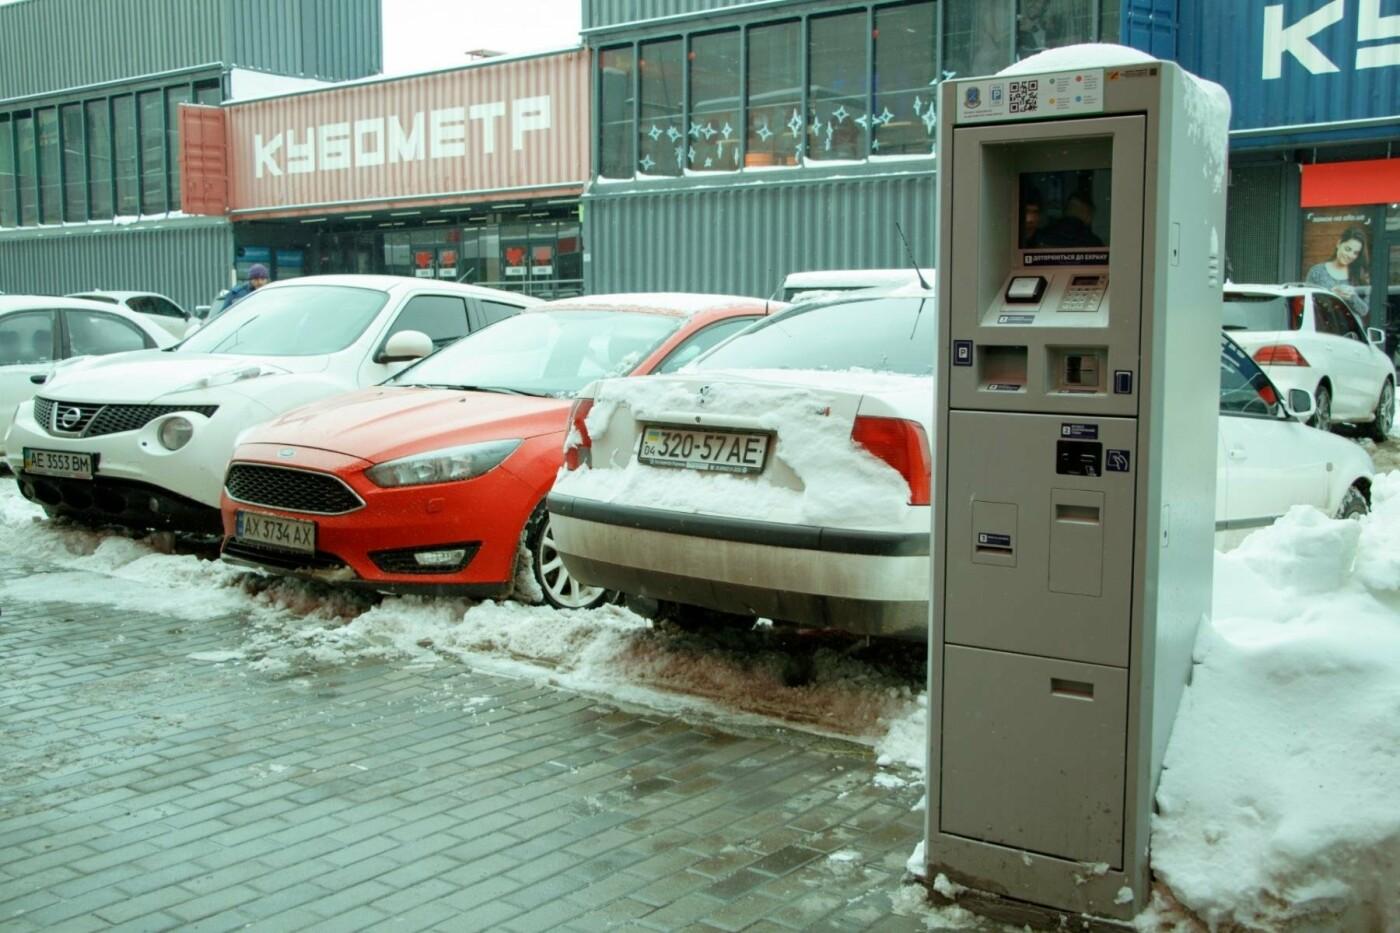 В Днепре запустили сервис оплаты за парковку с помощью мобильного приложения (ФОТО), фото-3